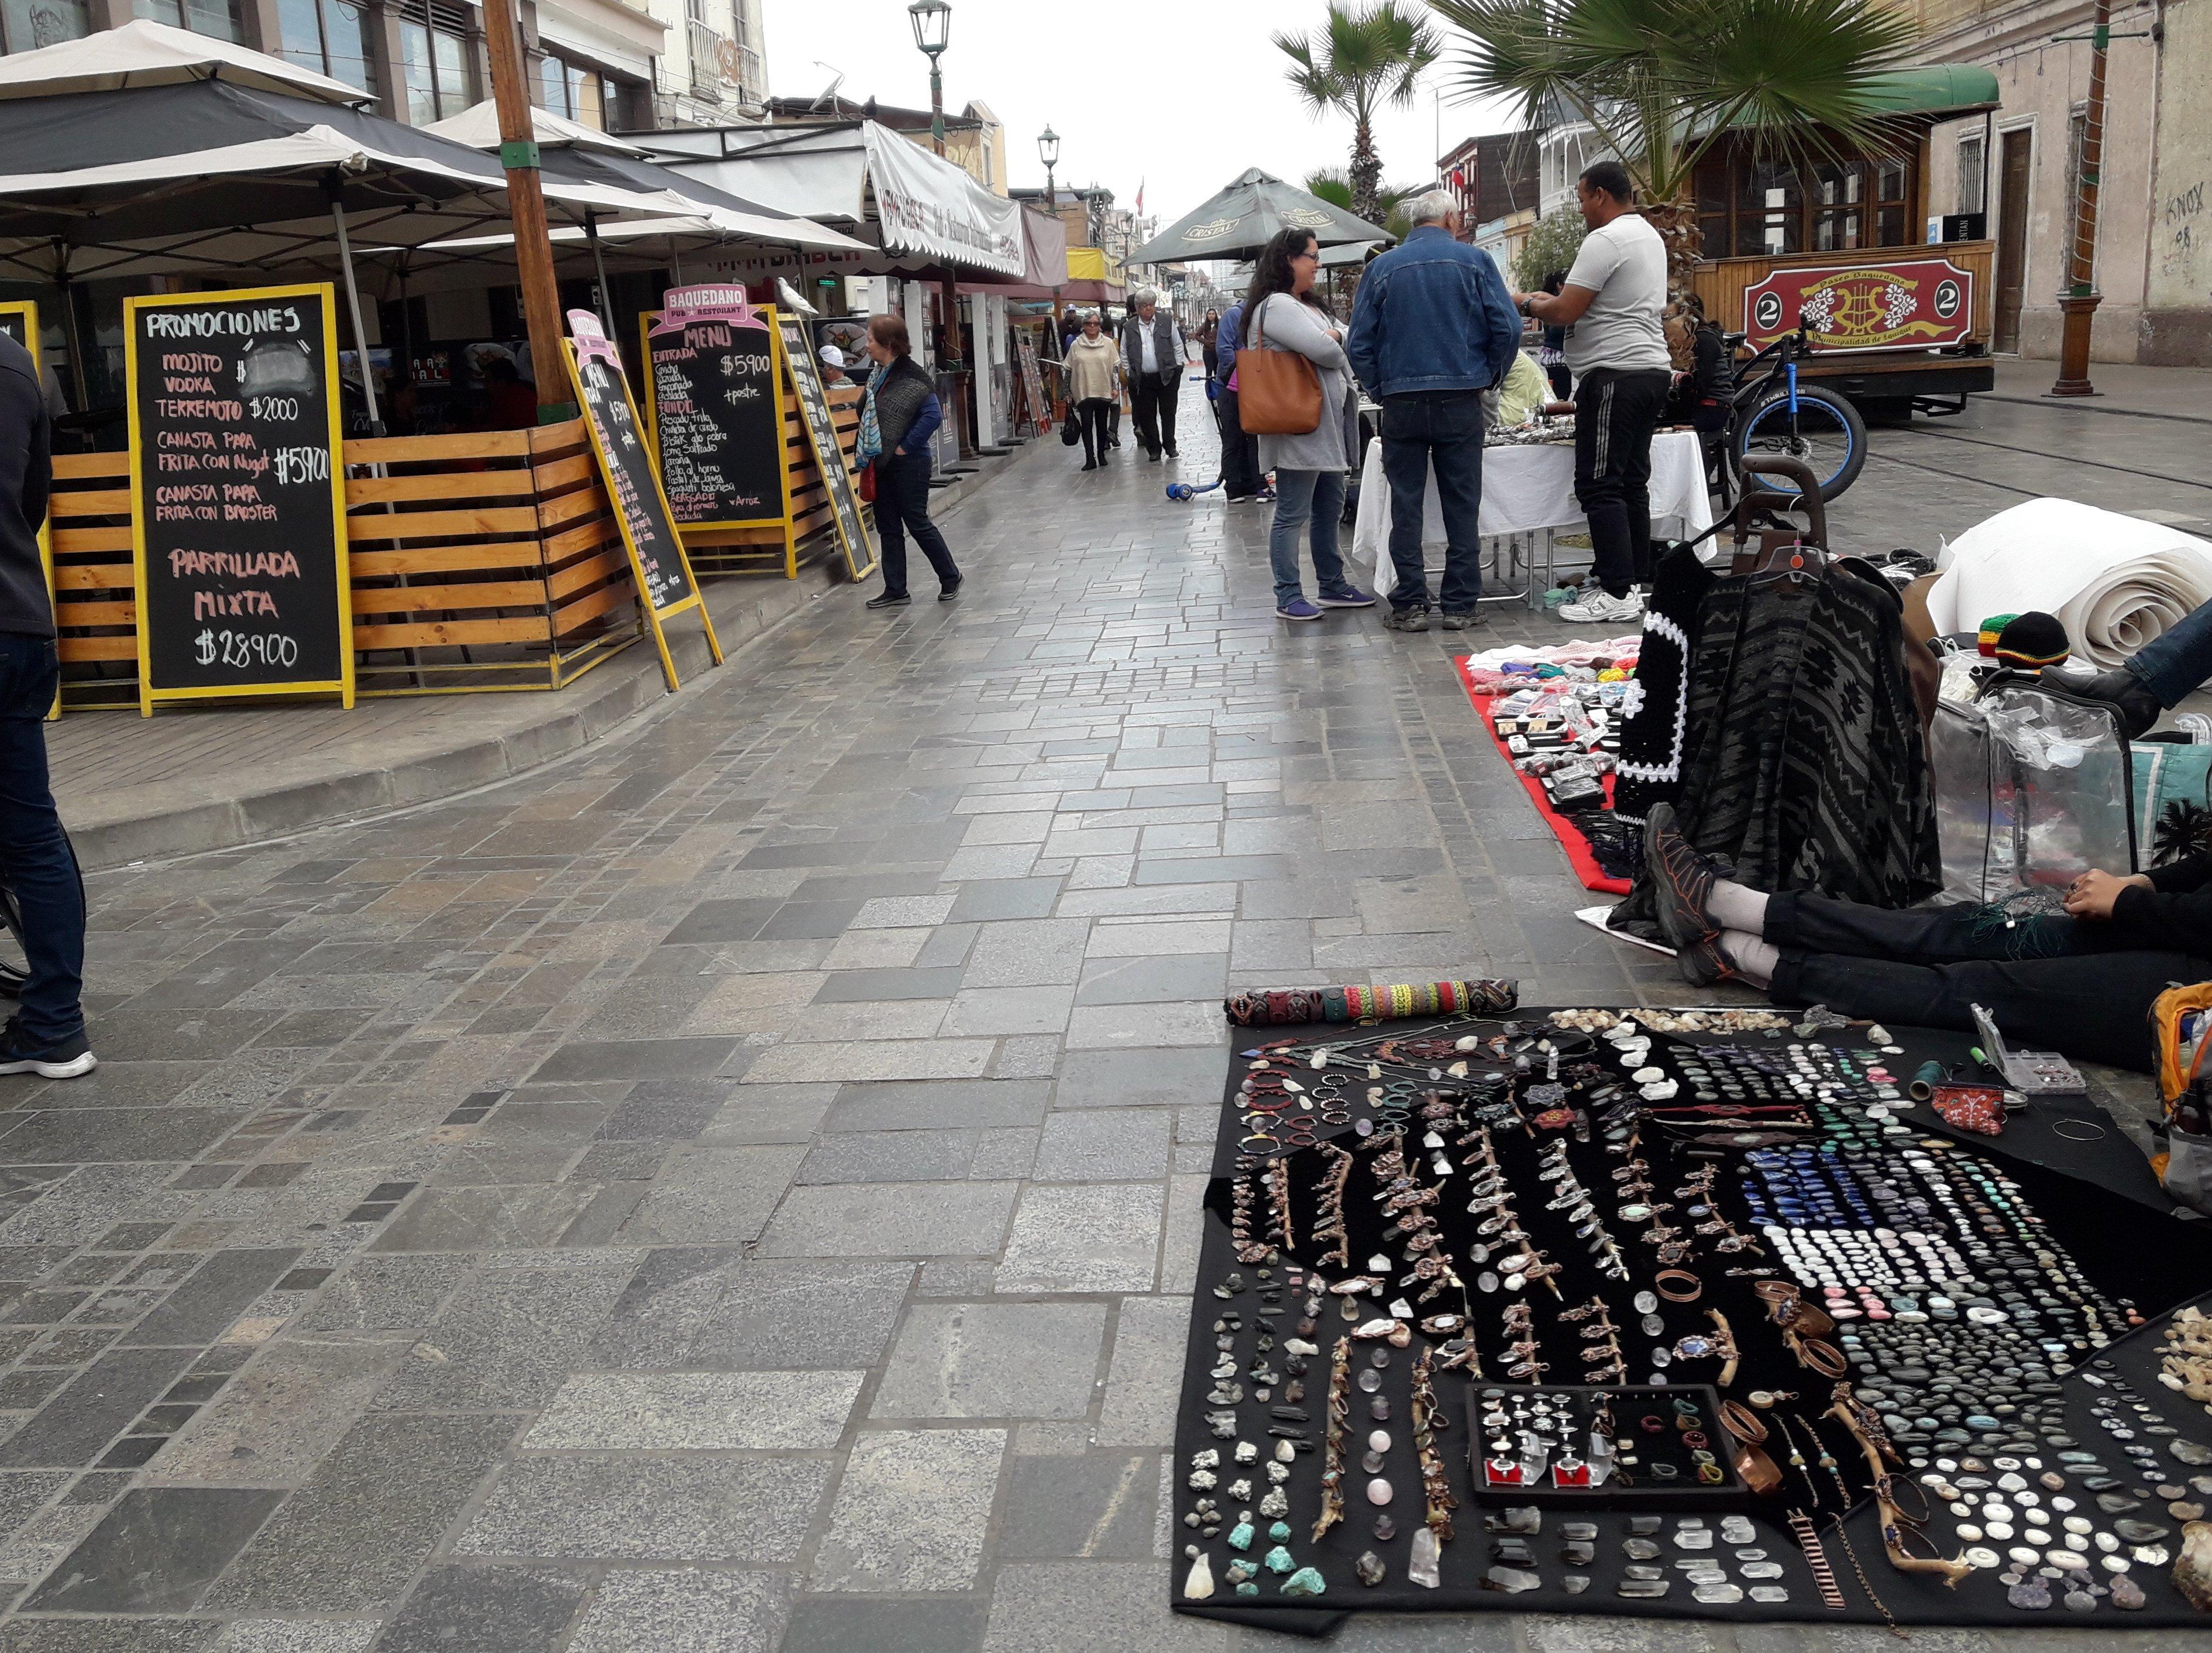 comercio ambulante con mercadería sobre el espacio de circulación